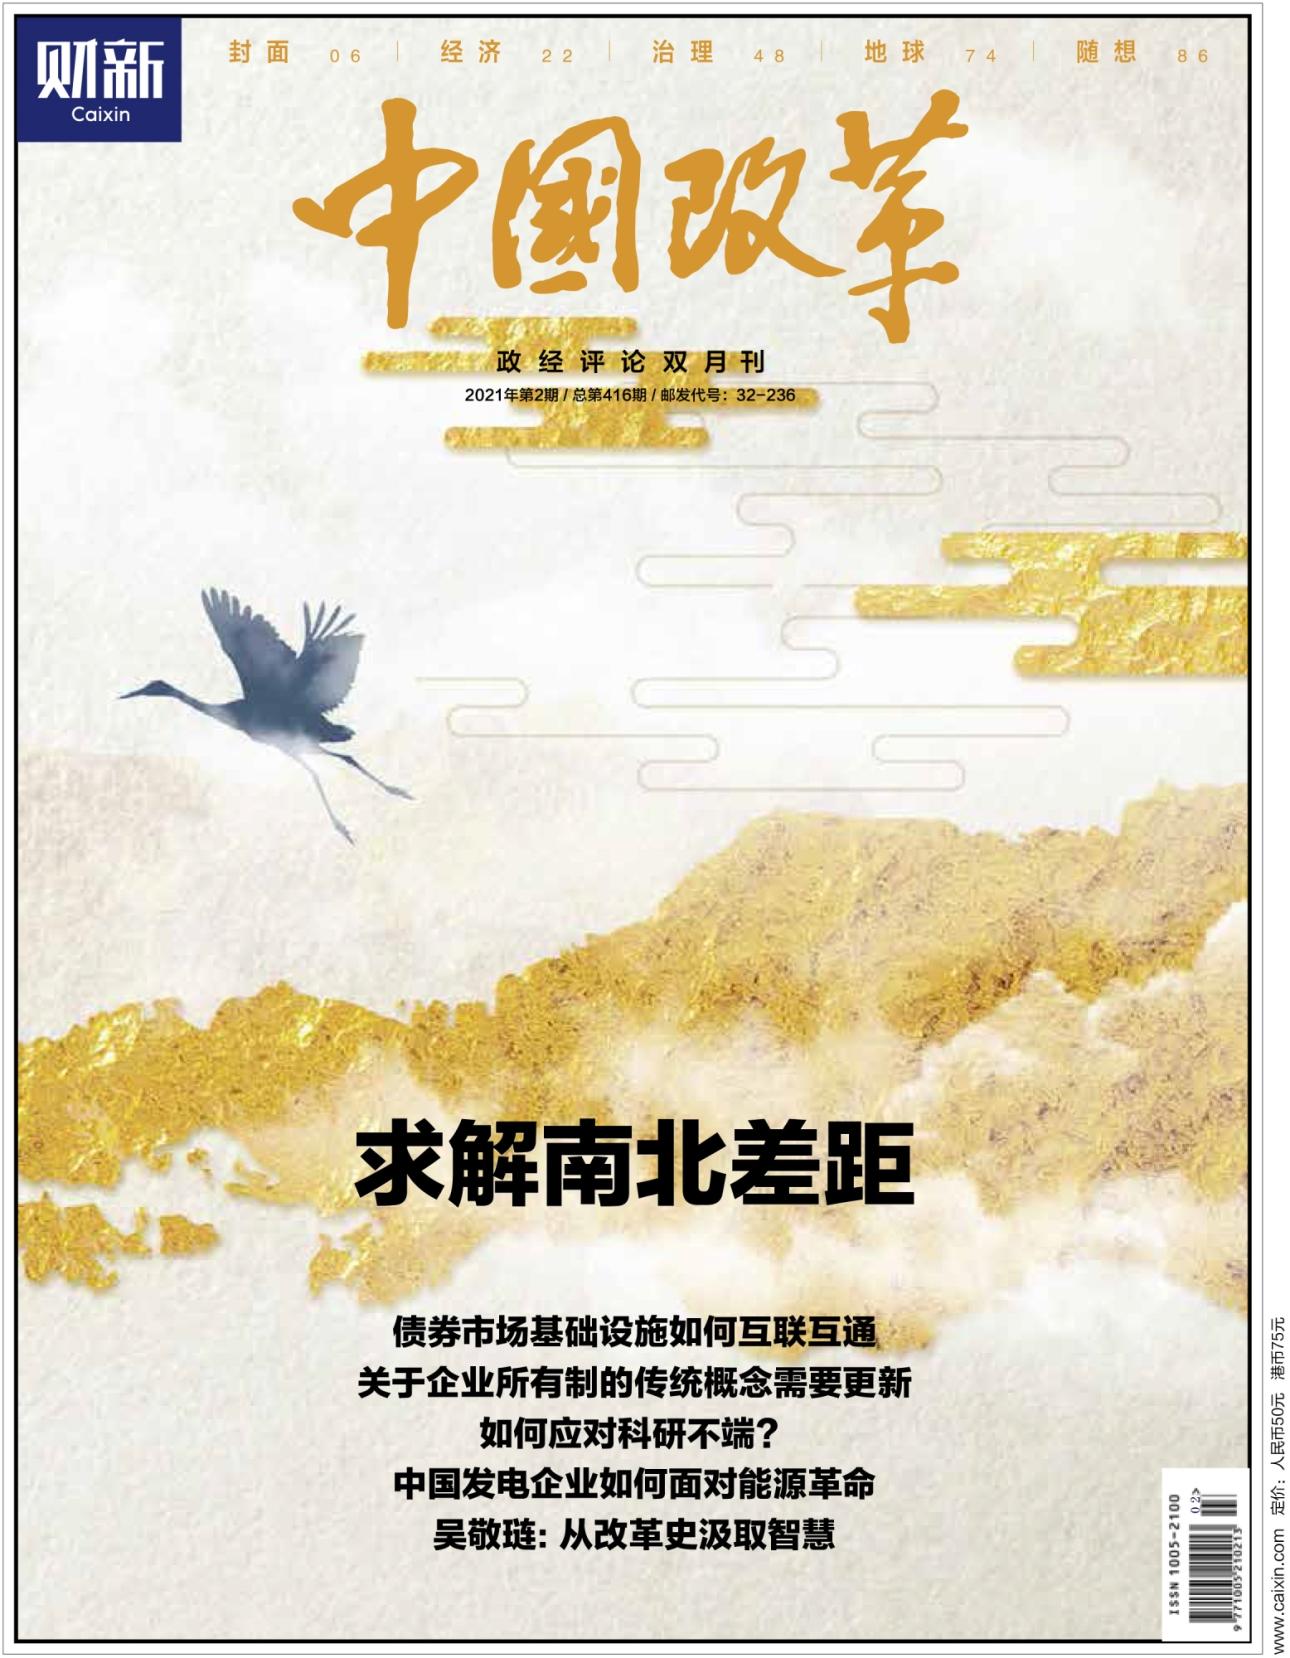 《中国改革》第416期